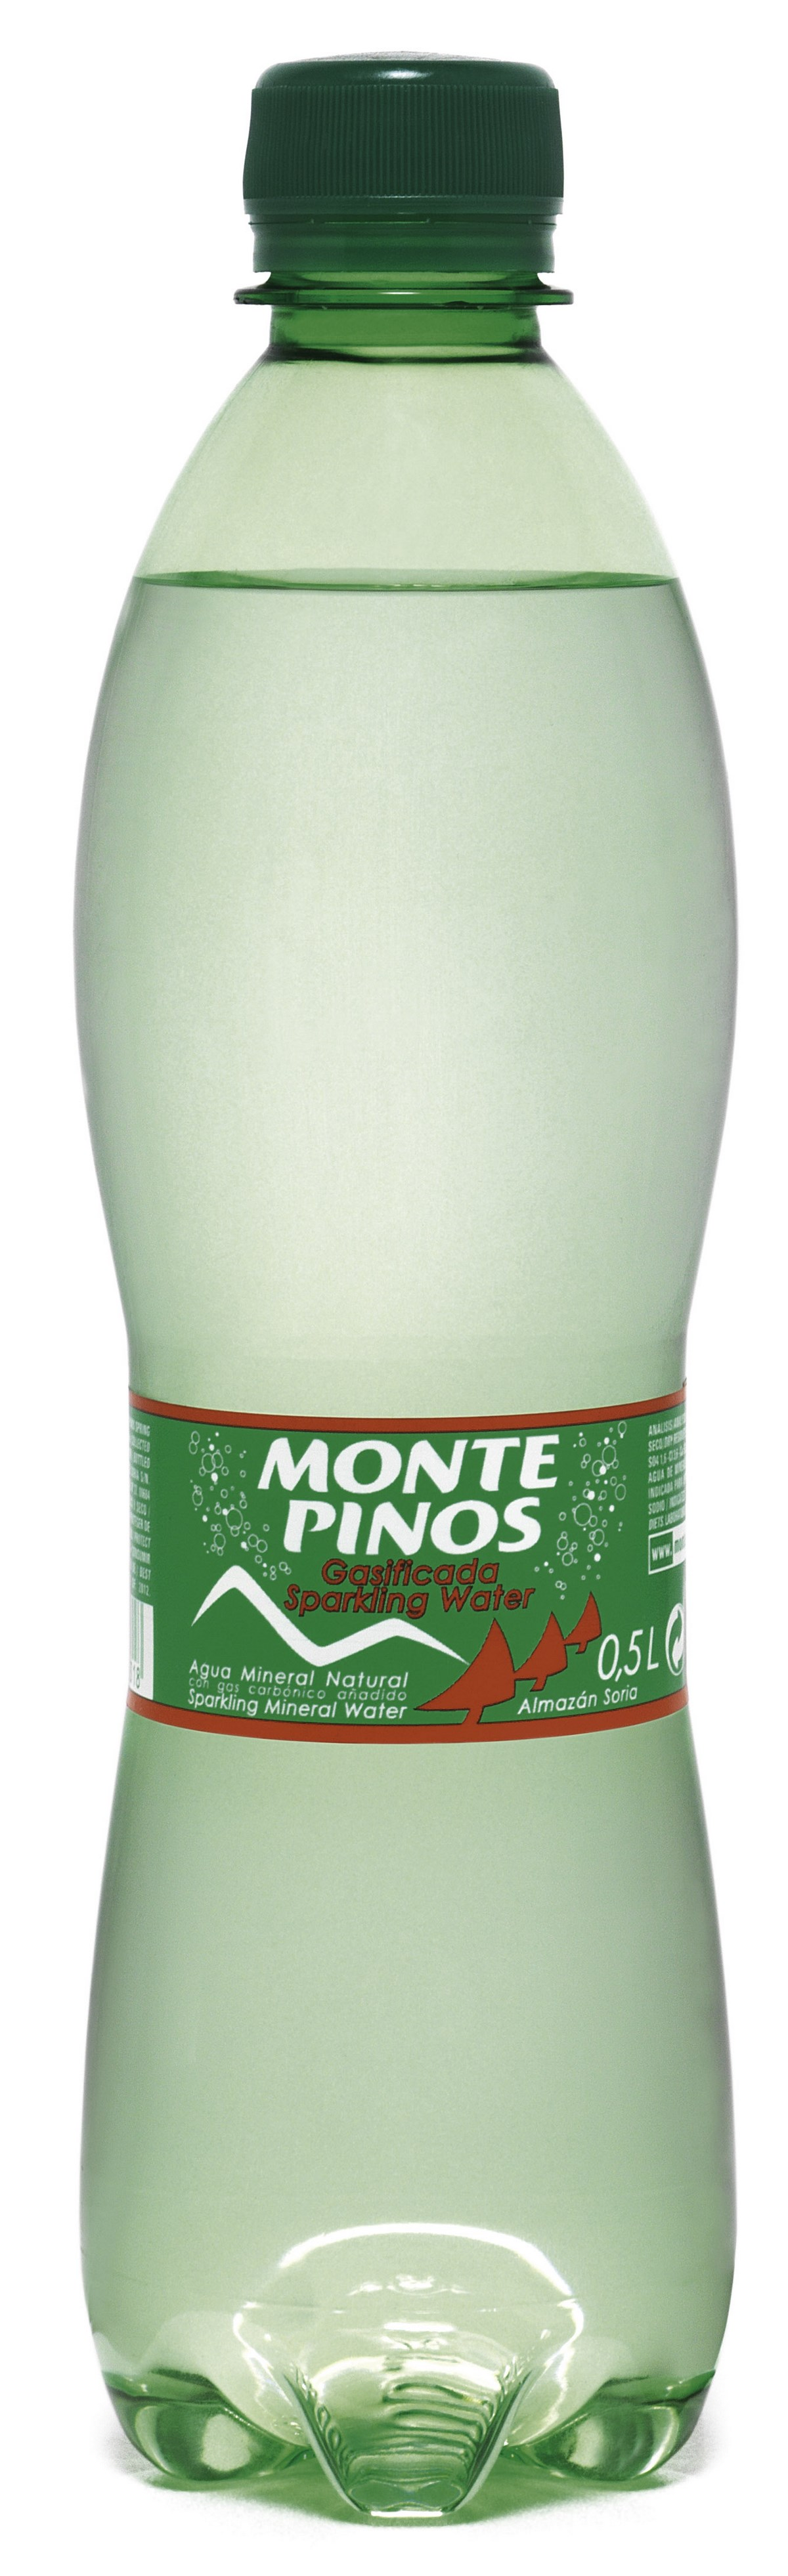 Вода природная газированная минеральная Monte Pinos 0.5 л.